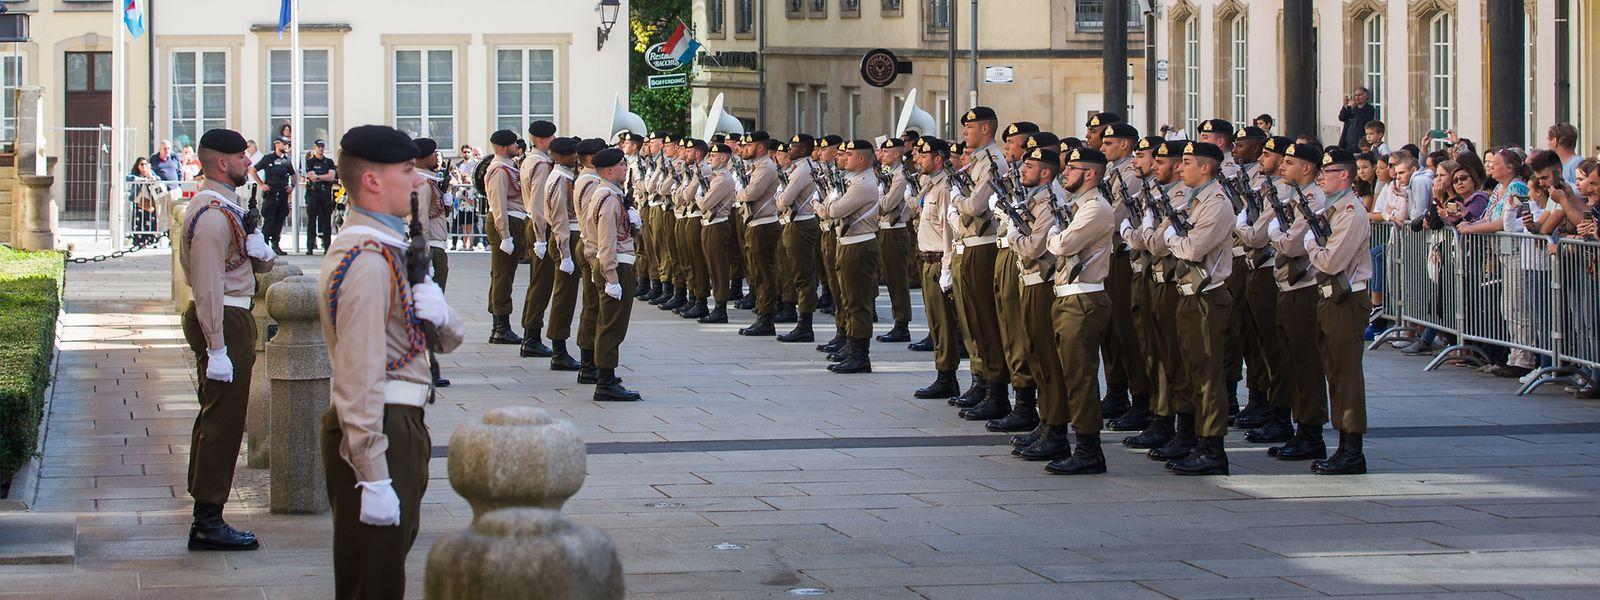 Die feierliche Wachablösung findet drei Mal im Jahr vor dem großherzoglichen Palais statt.